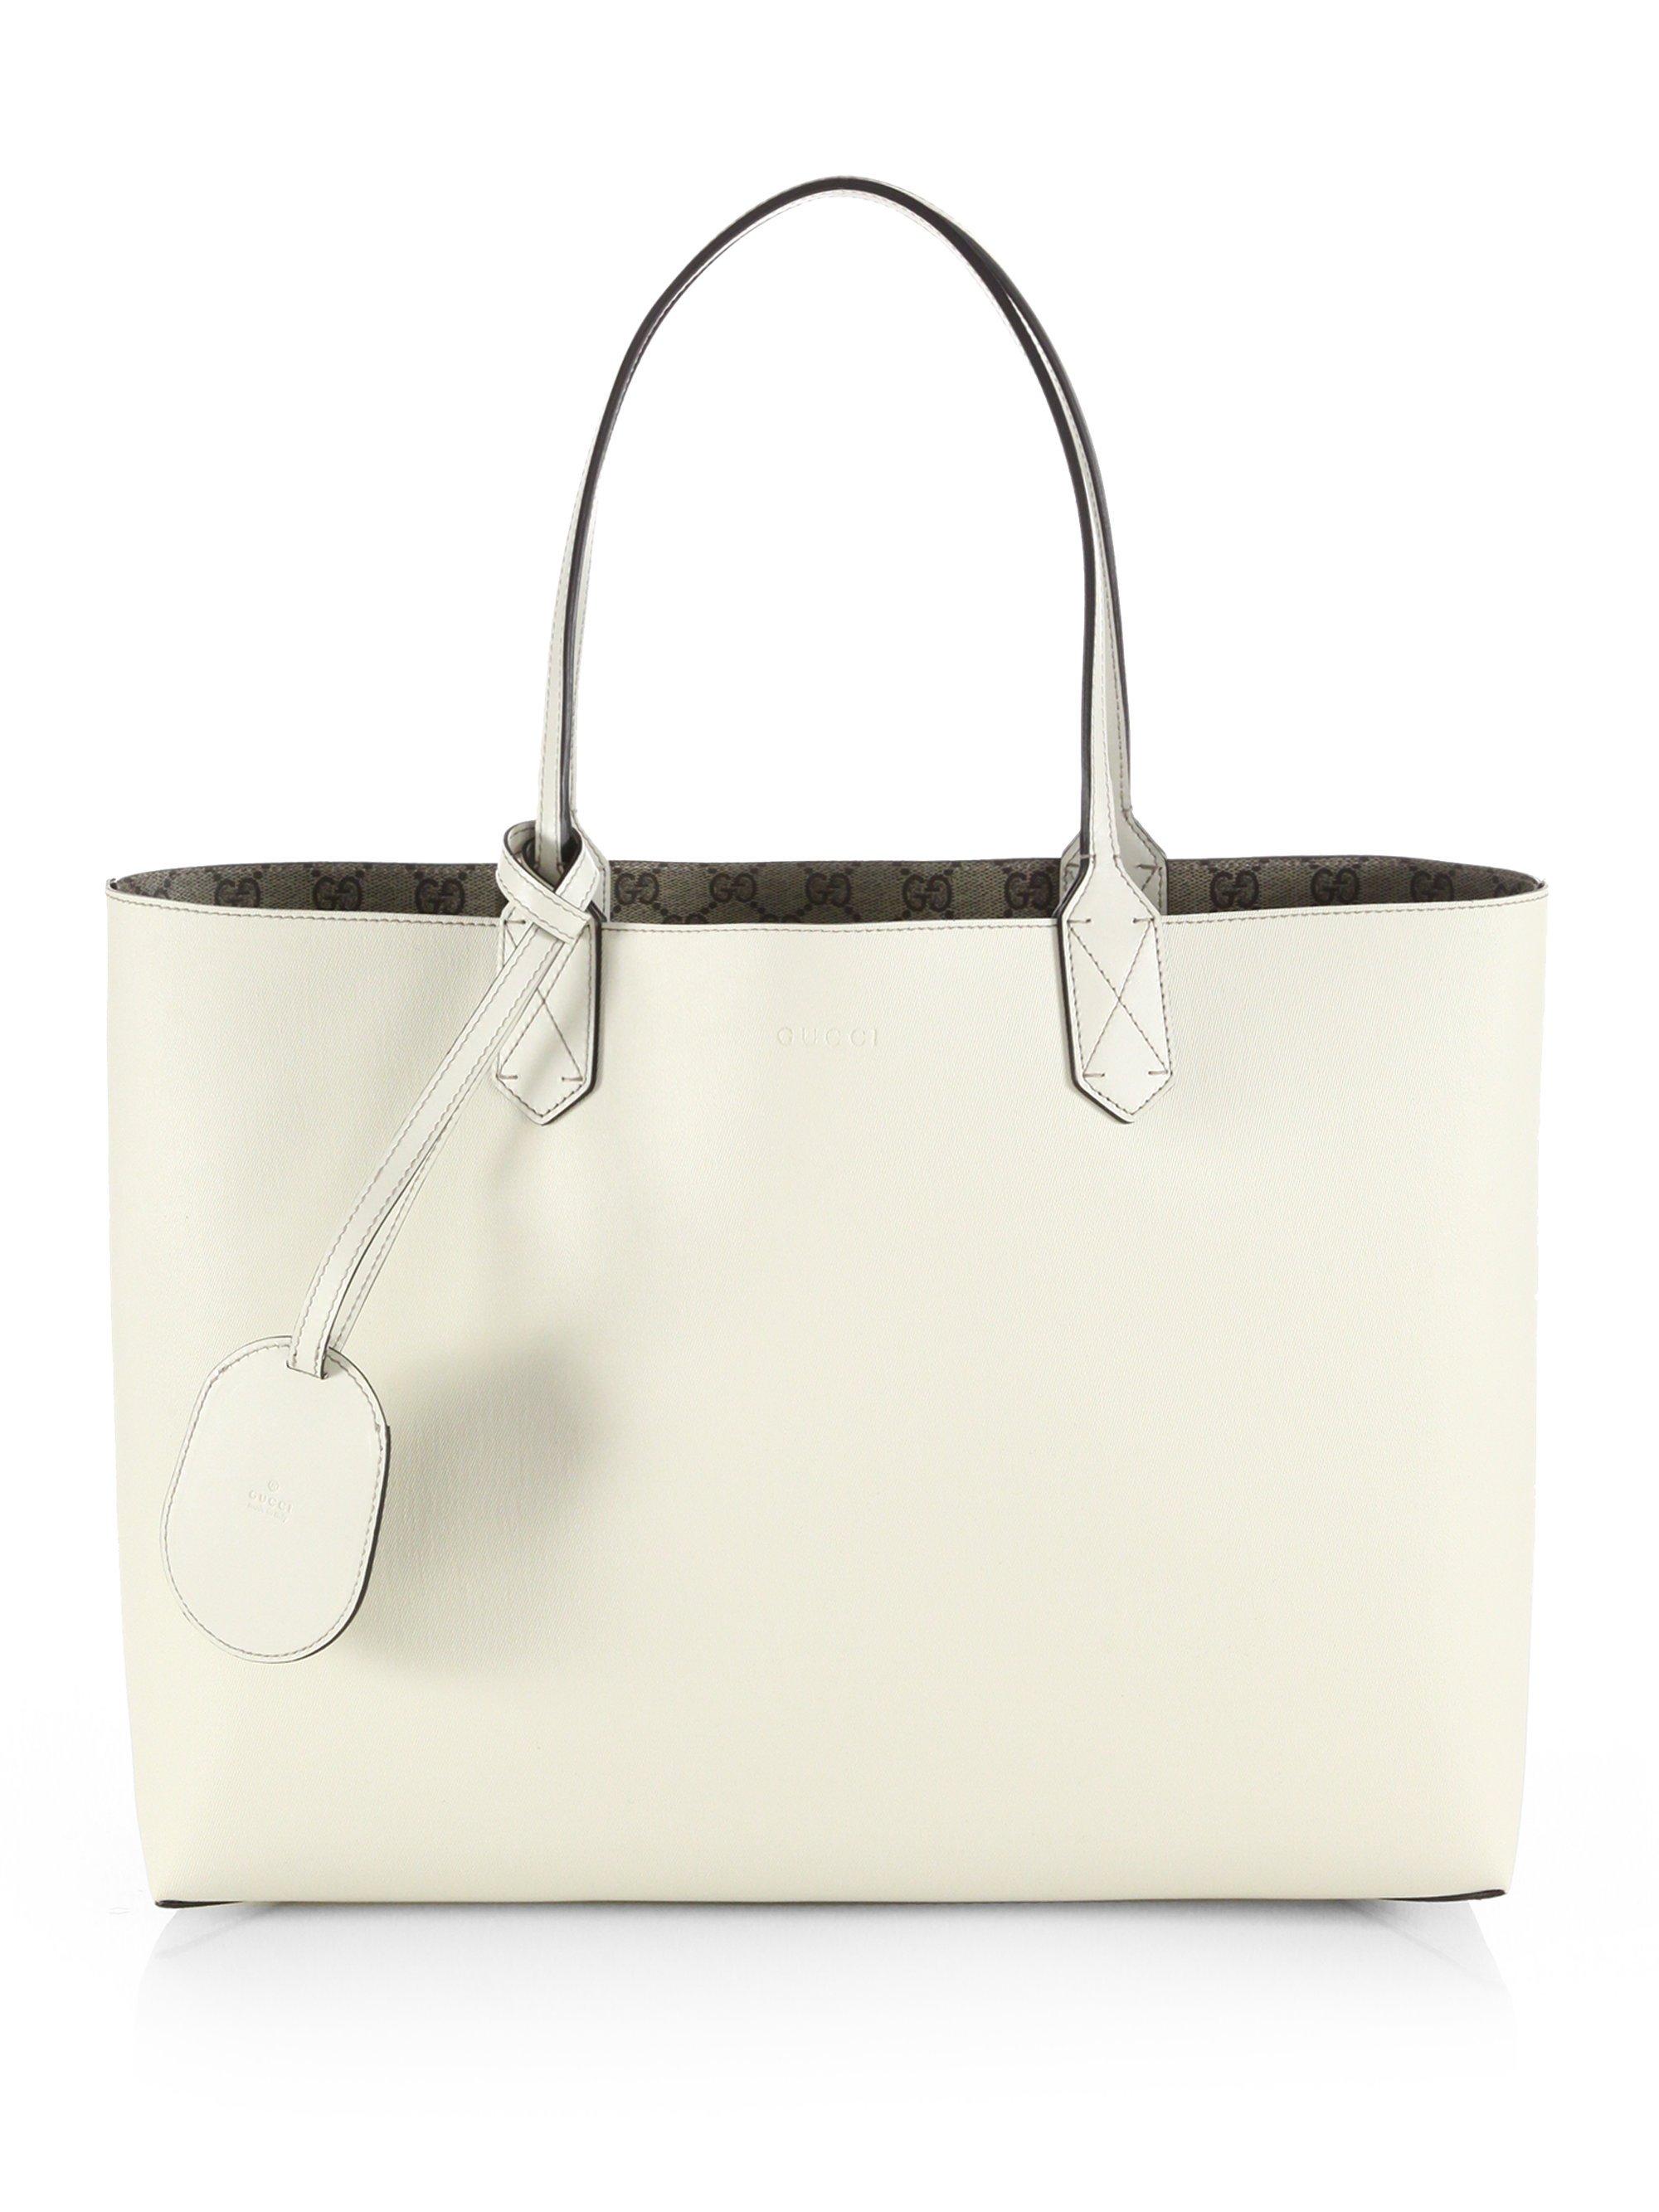 682e6da23111 Gucci Reversible Gg Leather Tote in White for Men - Lyst